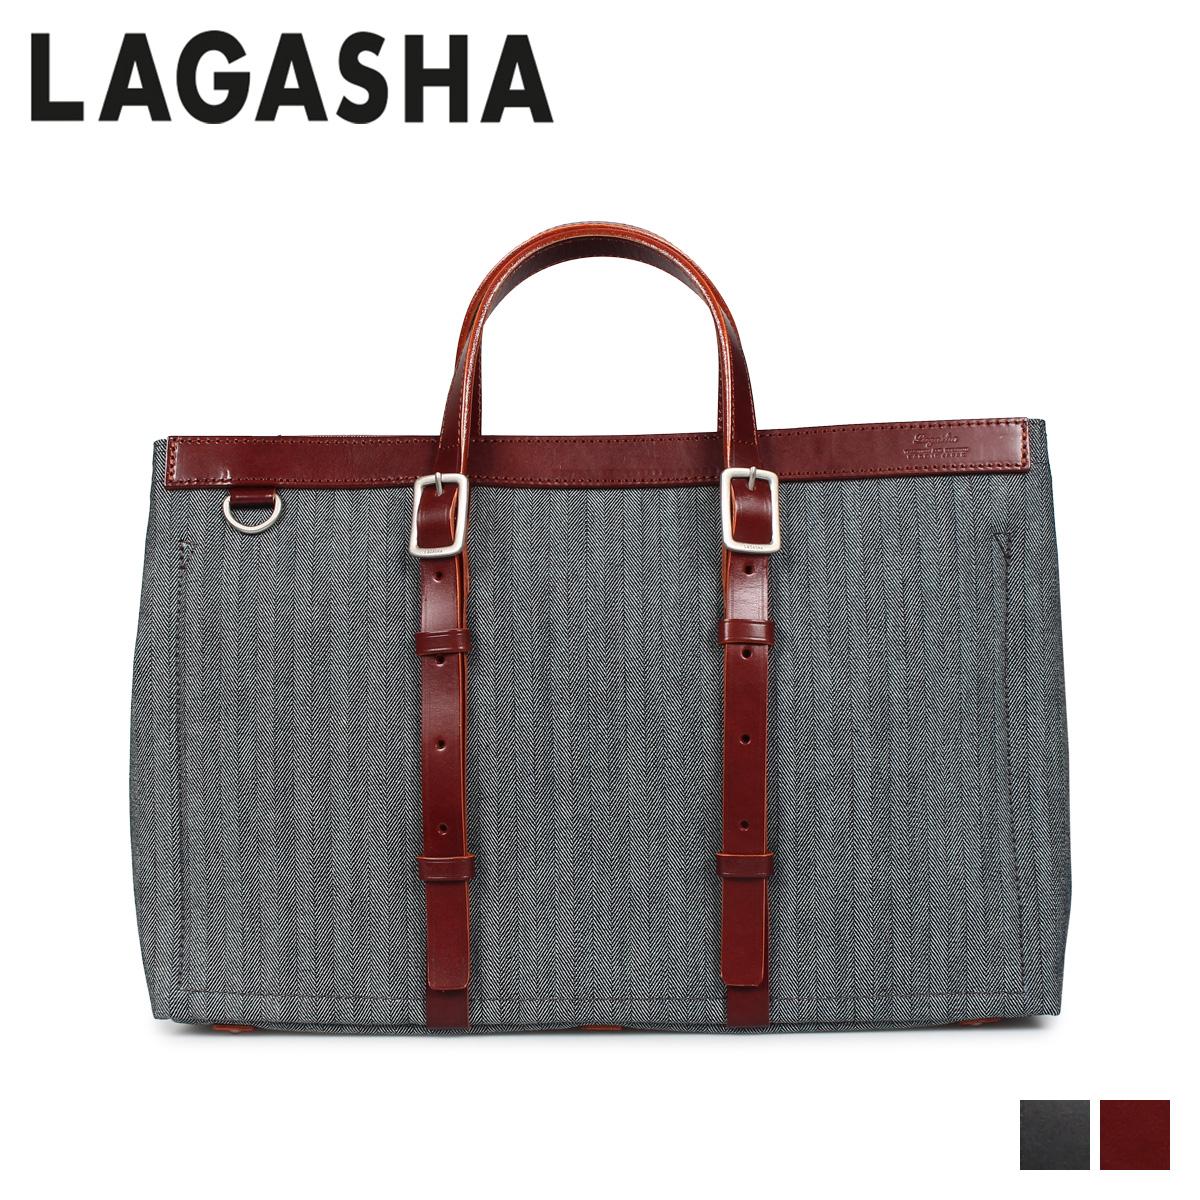 LAGASHA R&D ラガシャ アール&ディー バッグ トートバッグ メンズ ブラック ダーク ブラウン 黒 7494